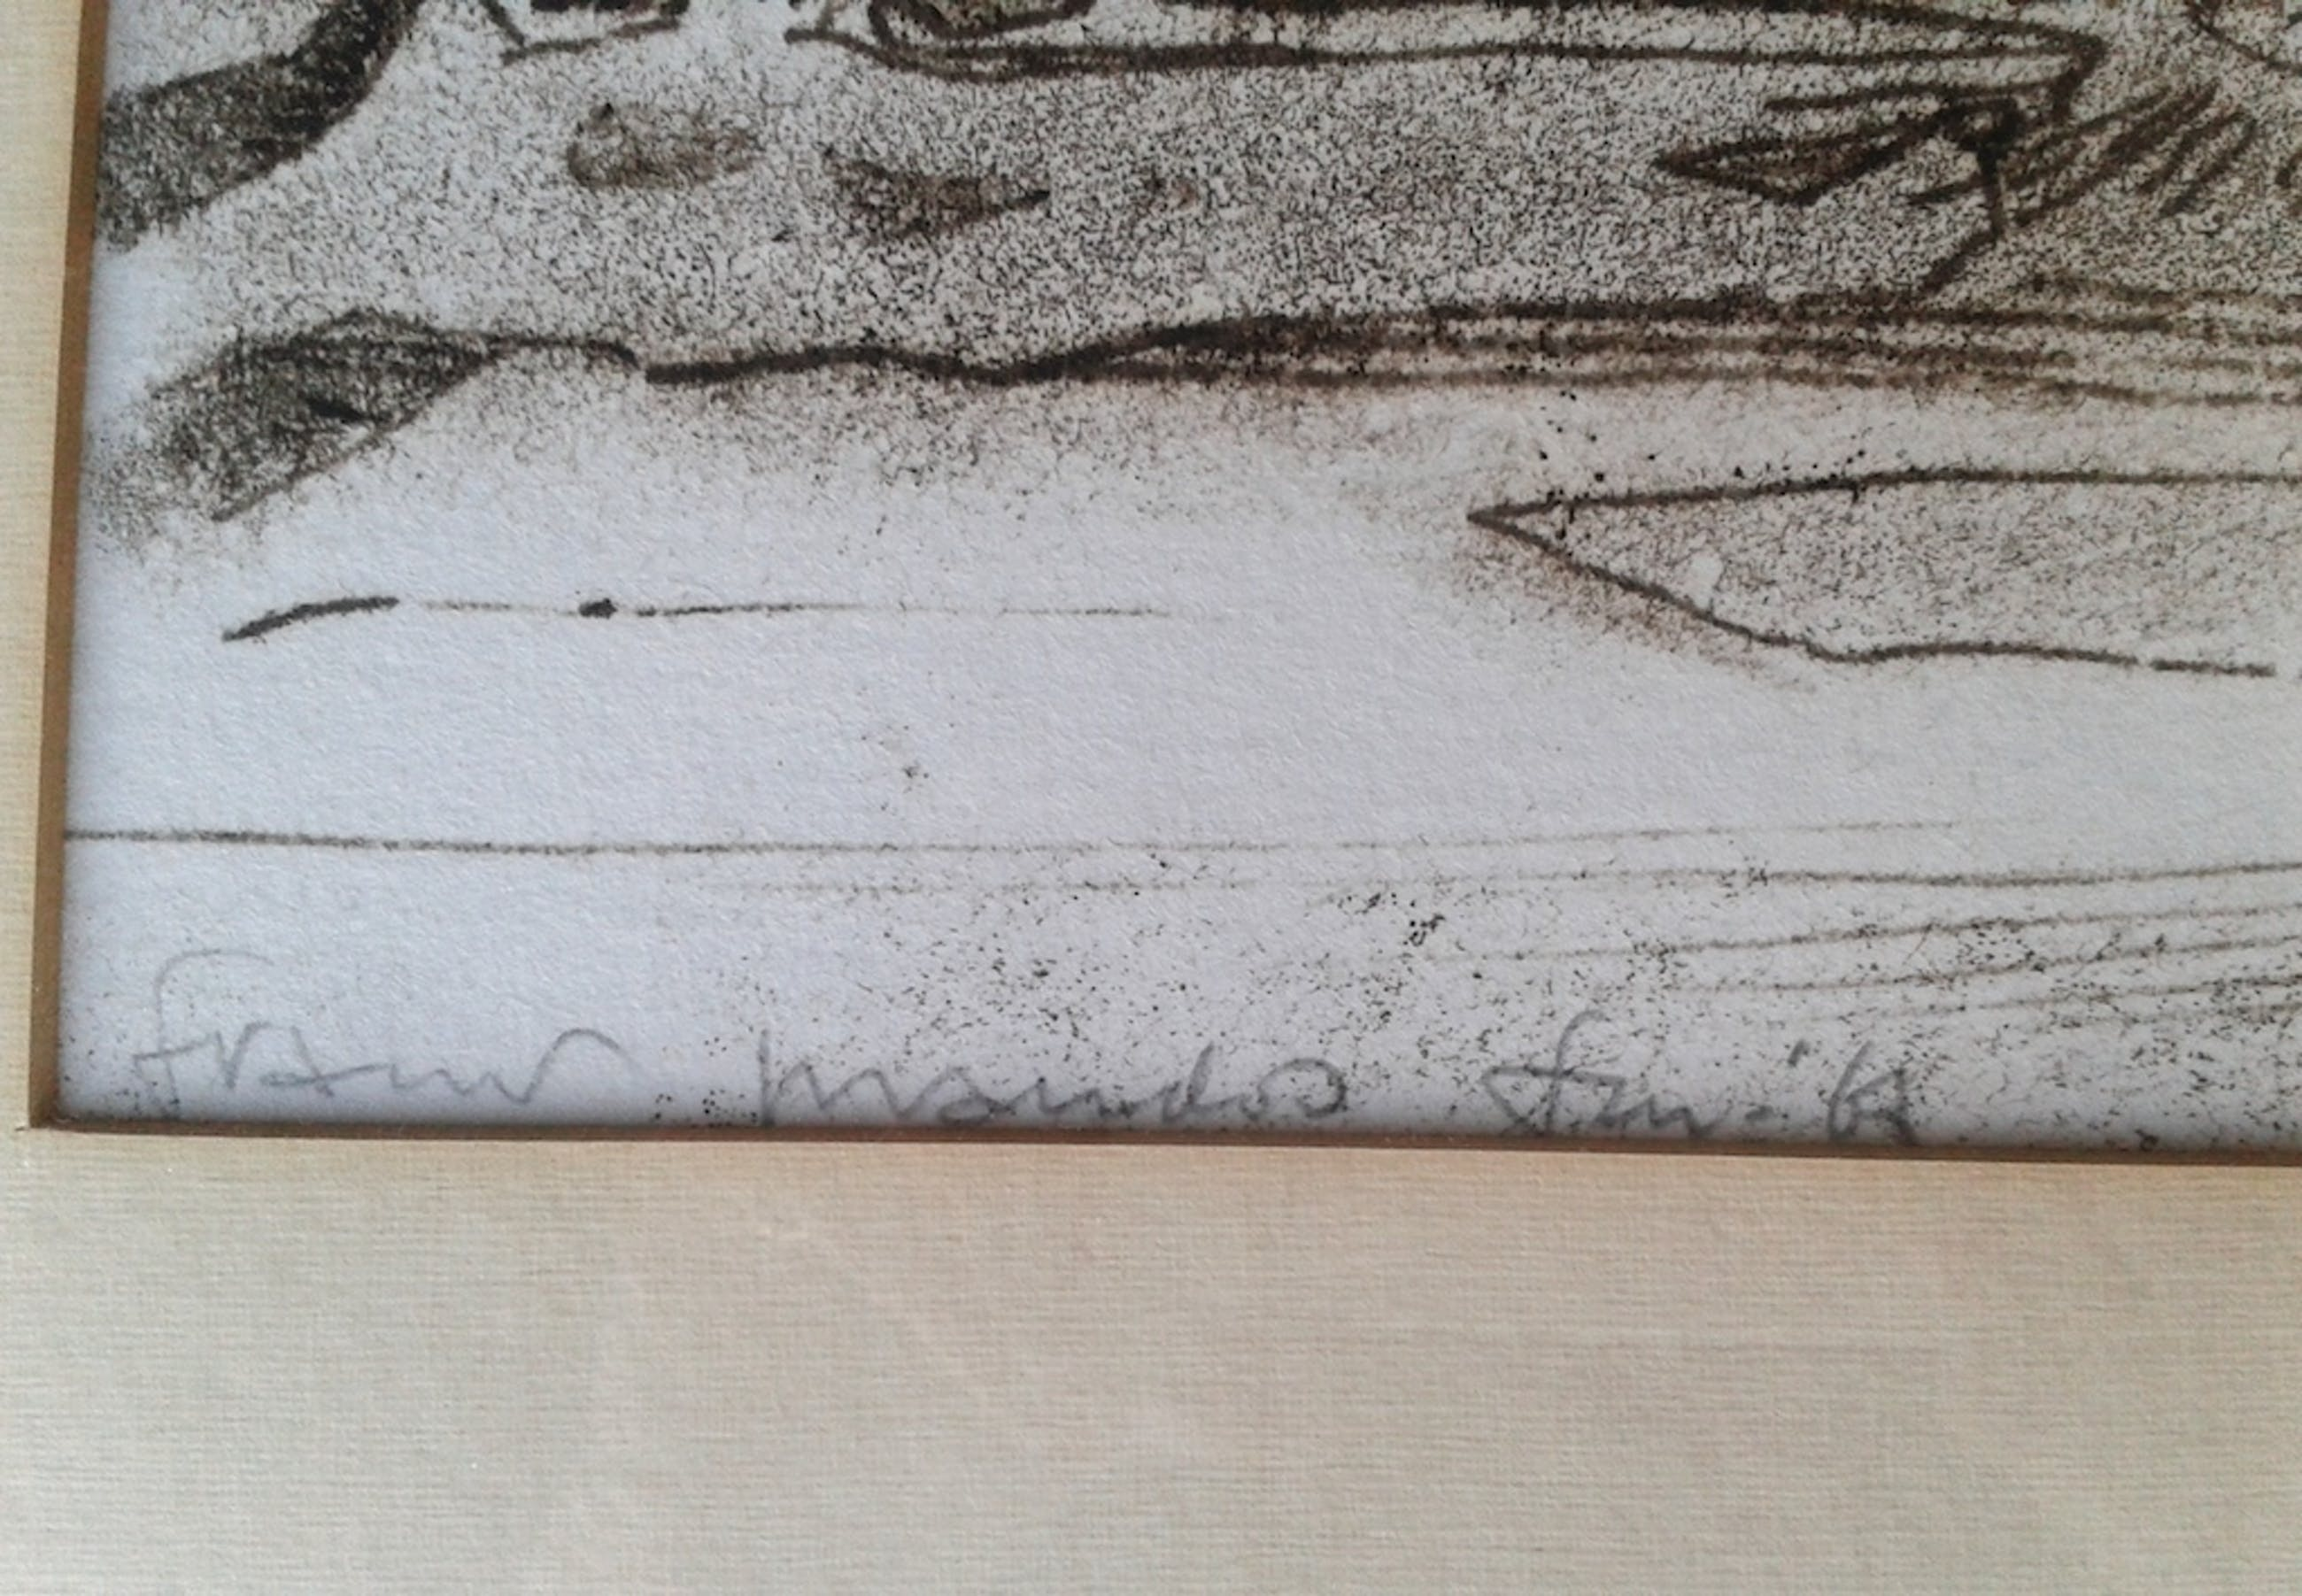 Originele ets FRANS MANDOS - 64 x 48 cm-hand gesigneerd - uit 1967 kopen? Bied vanaf 20!